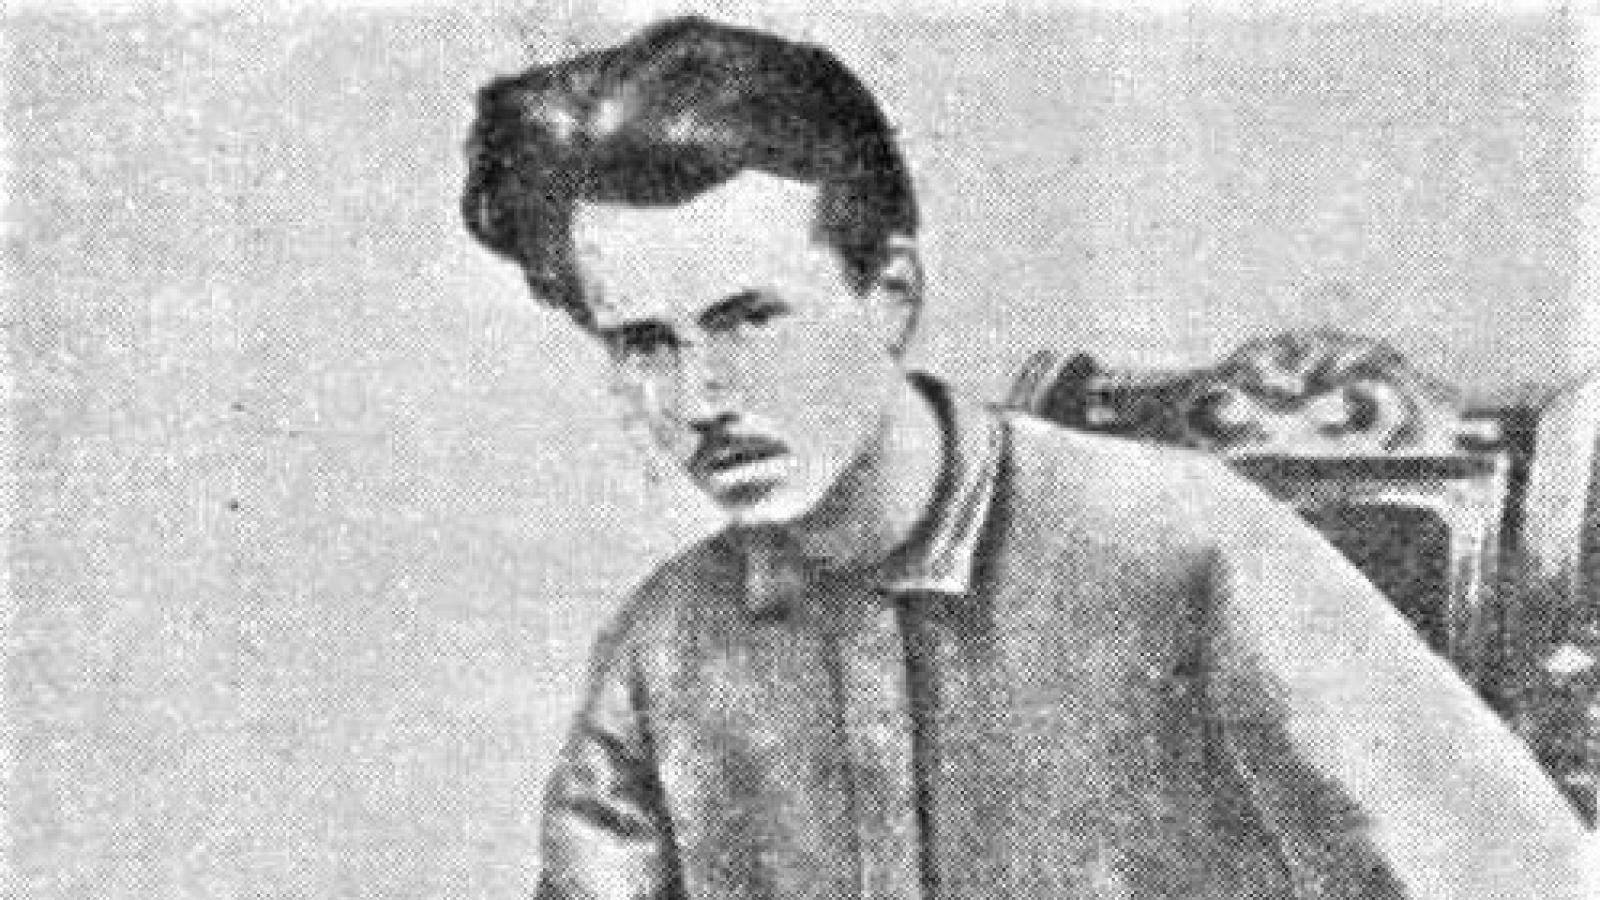 """Cuộc đời lẫy lừng của tác giả tiểu thuyết Xô viết nổi tiếng """"Thép đã tôi thế đấy"""""""